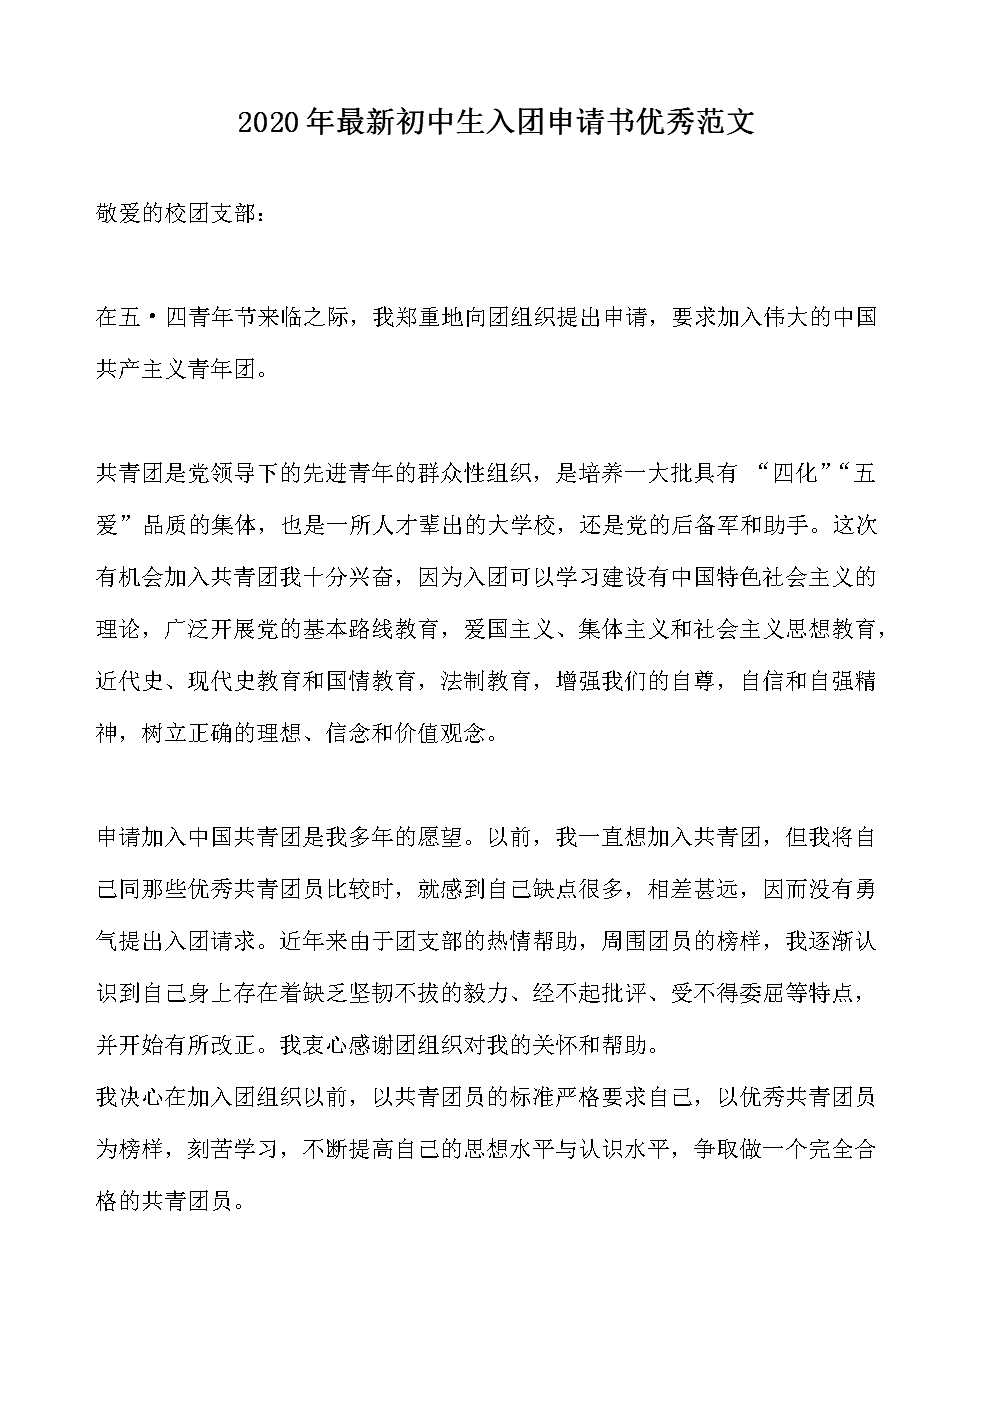 2020年最新初中生入团申请书优秀范文.docx